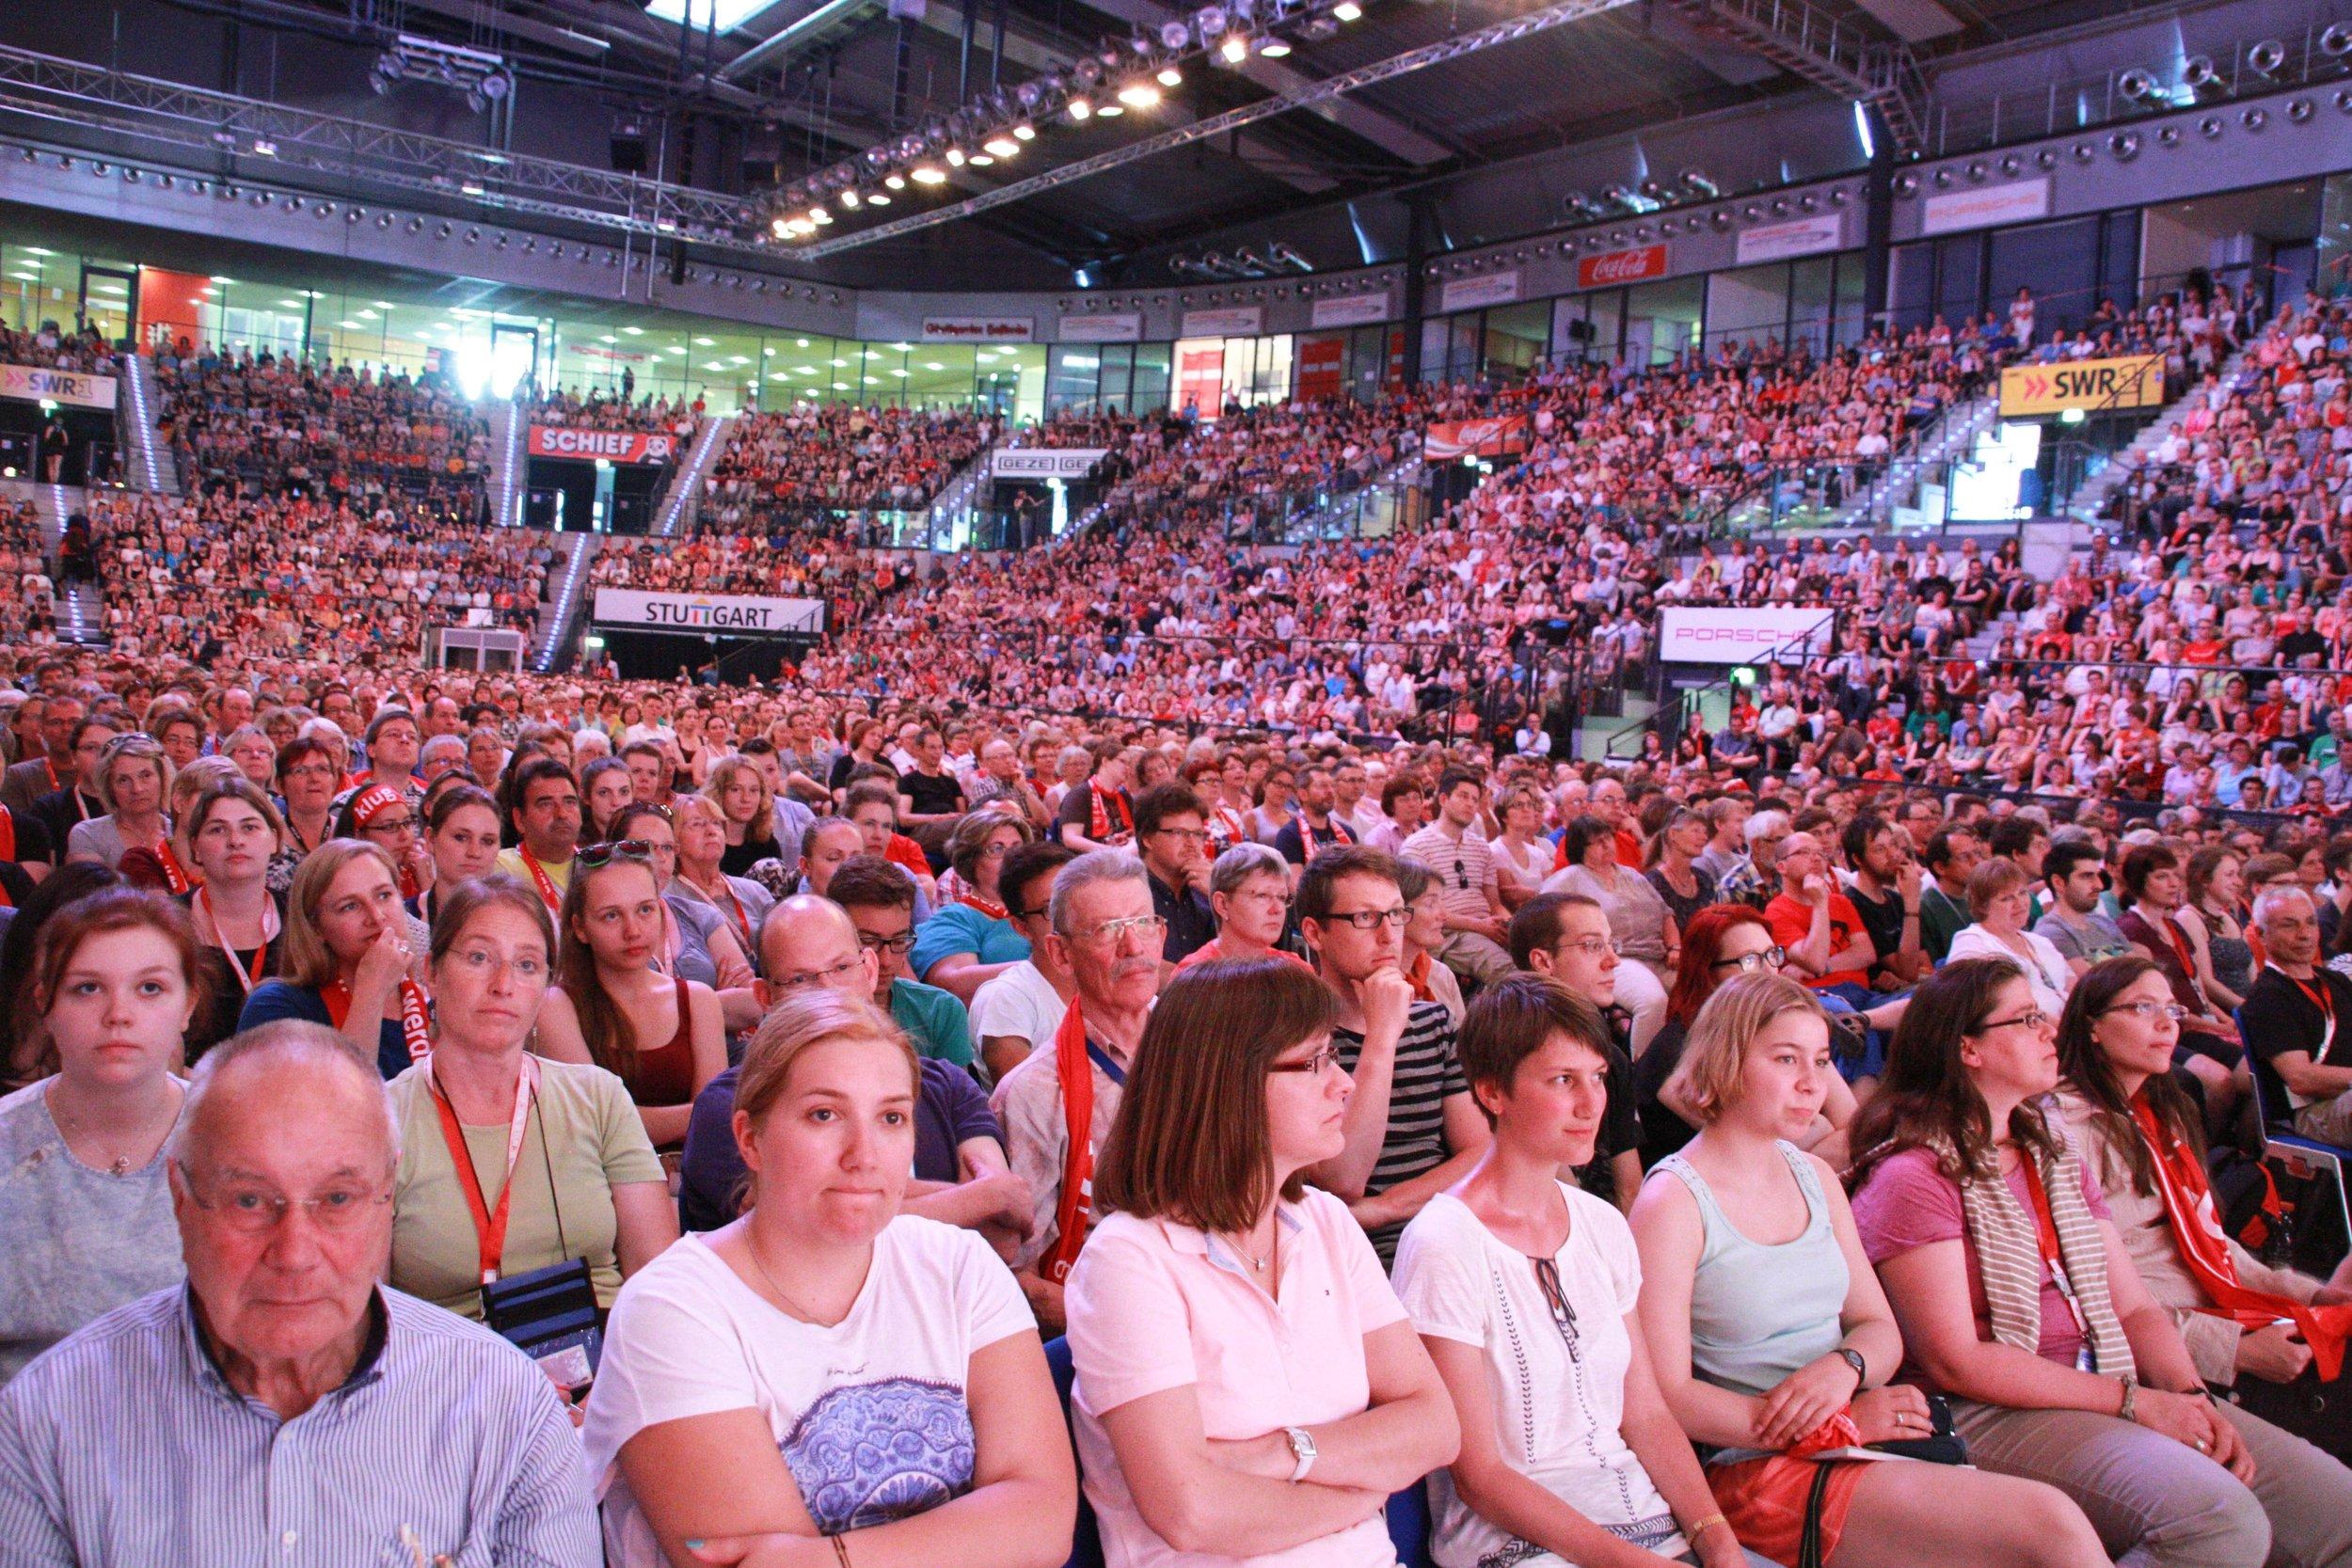 © 2015_Deutscher Evangelischer Kirchentag_Besucher_Fotografin Nadine Malzkorn